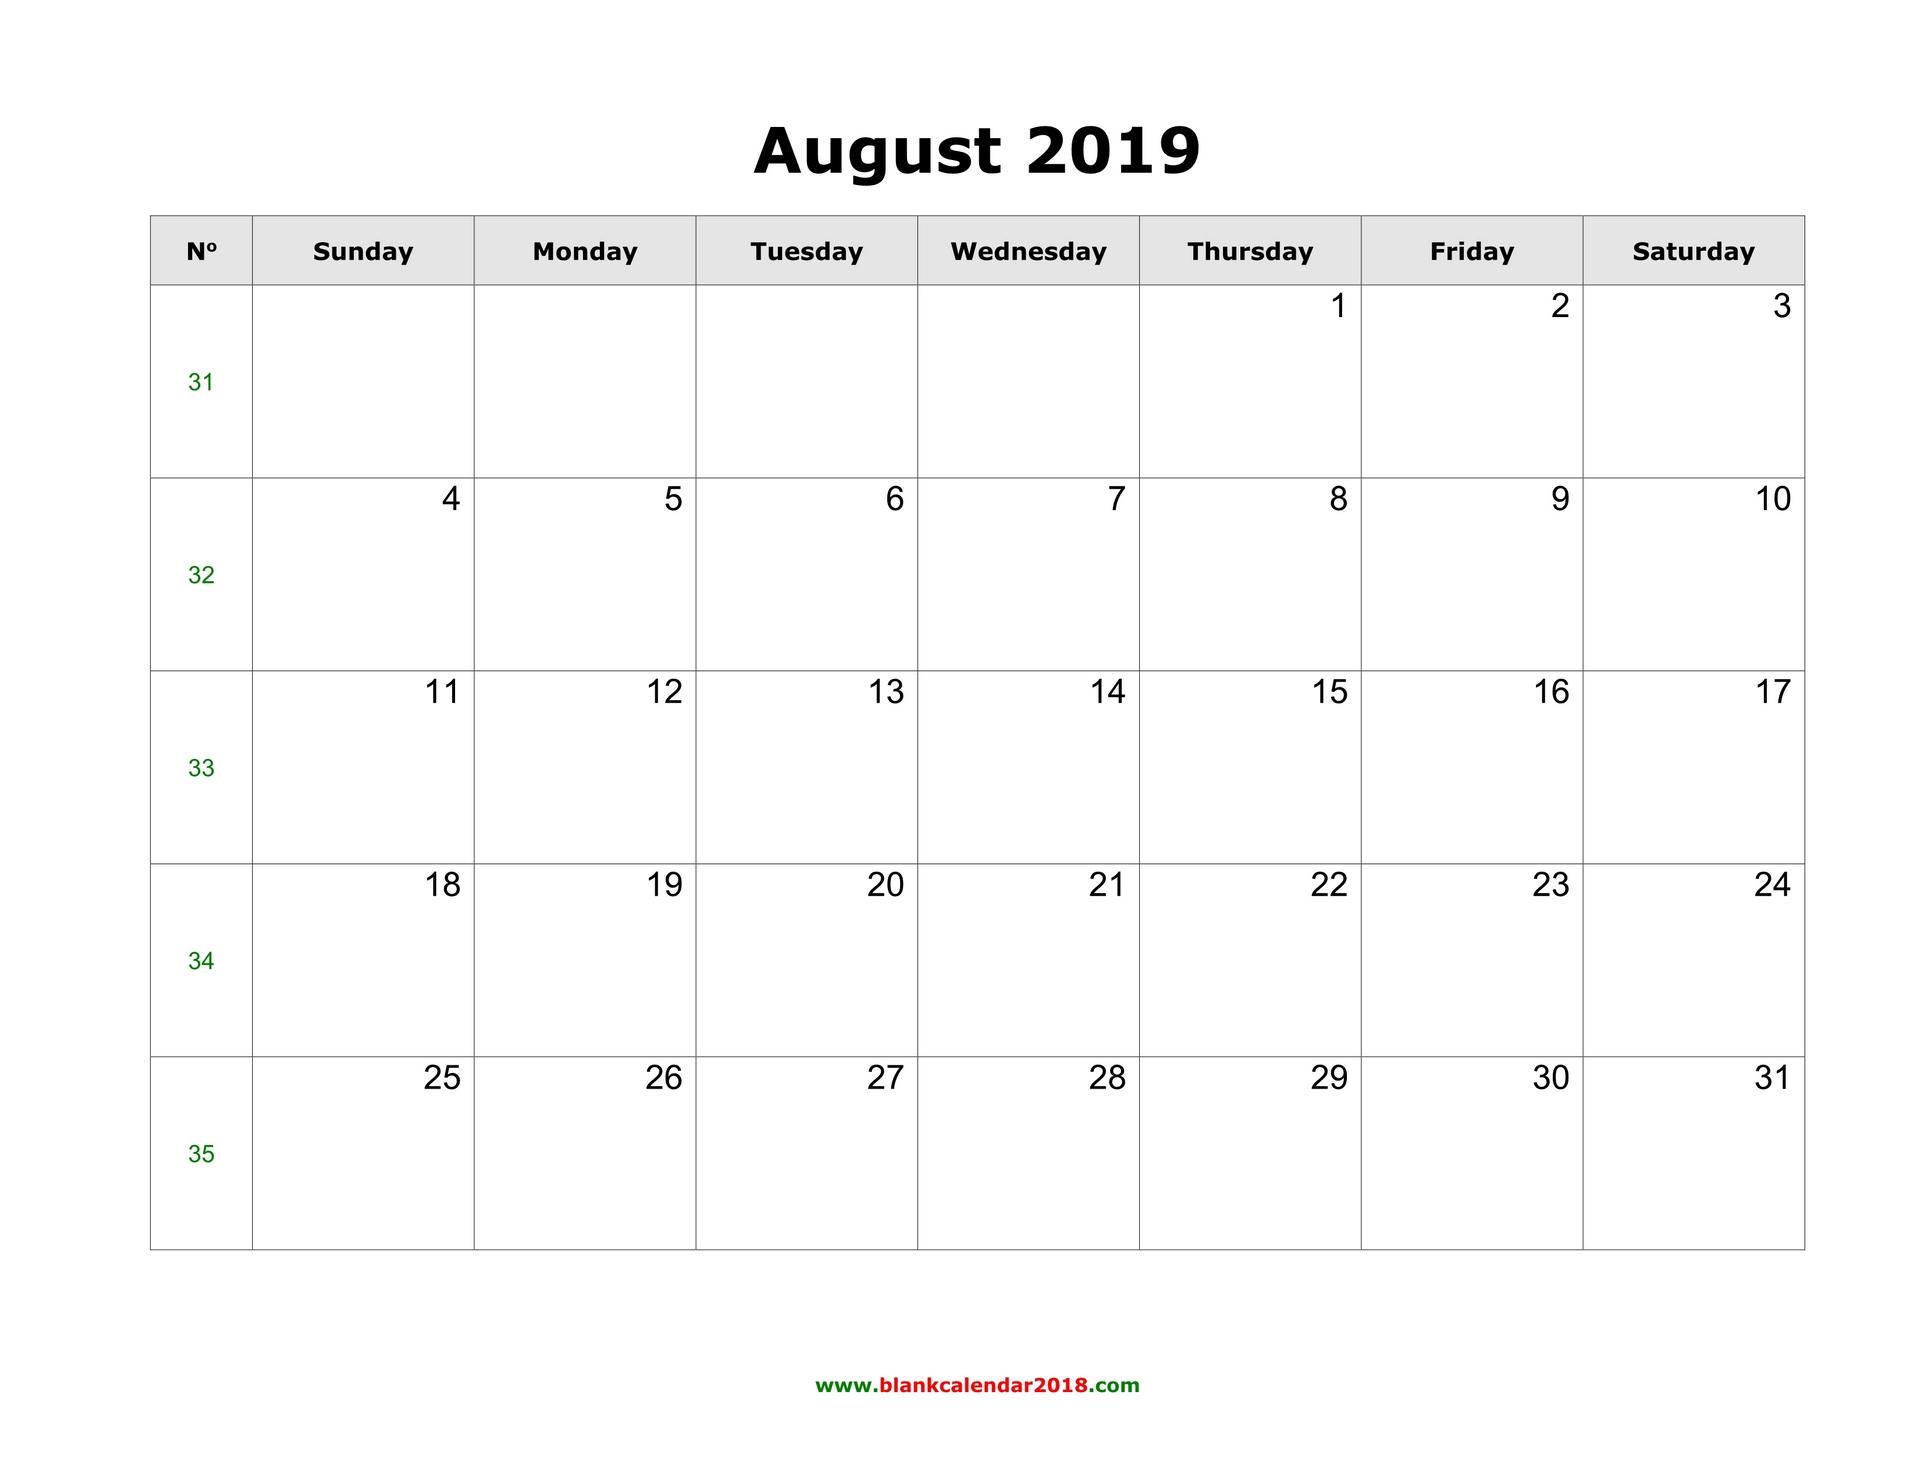 Blank Calendar For August 2019 with Printable Blank Calendar August